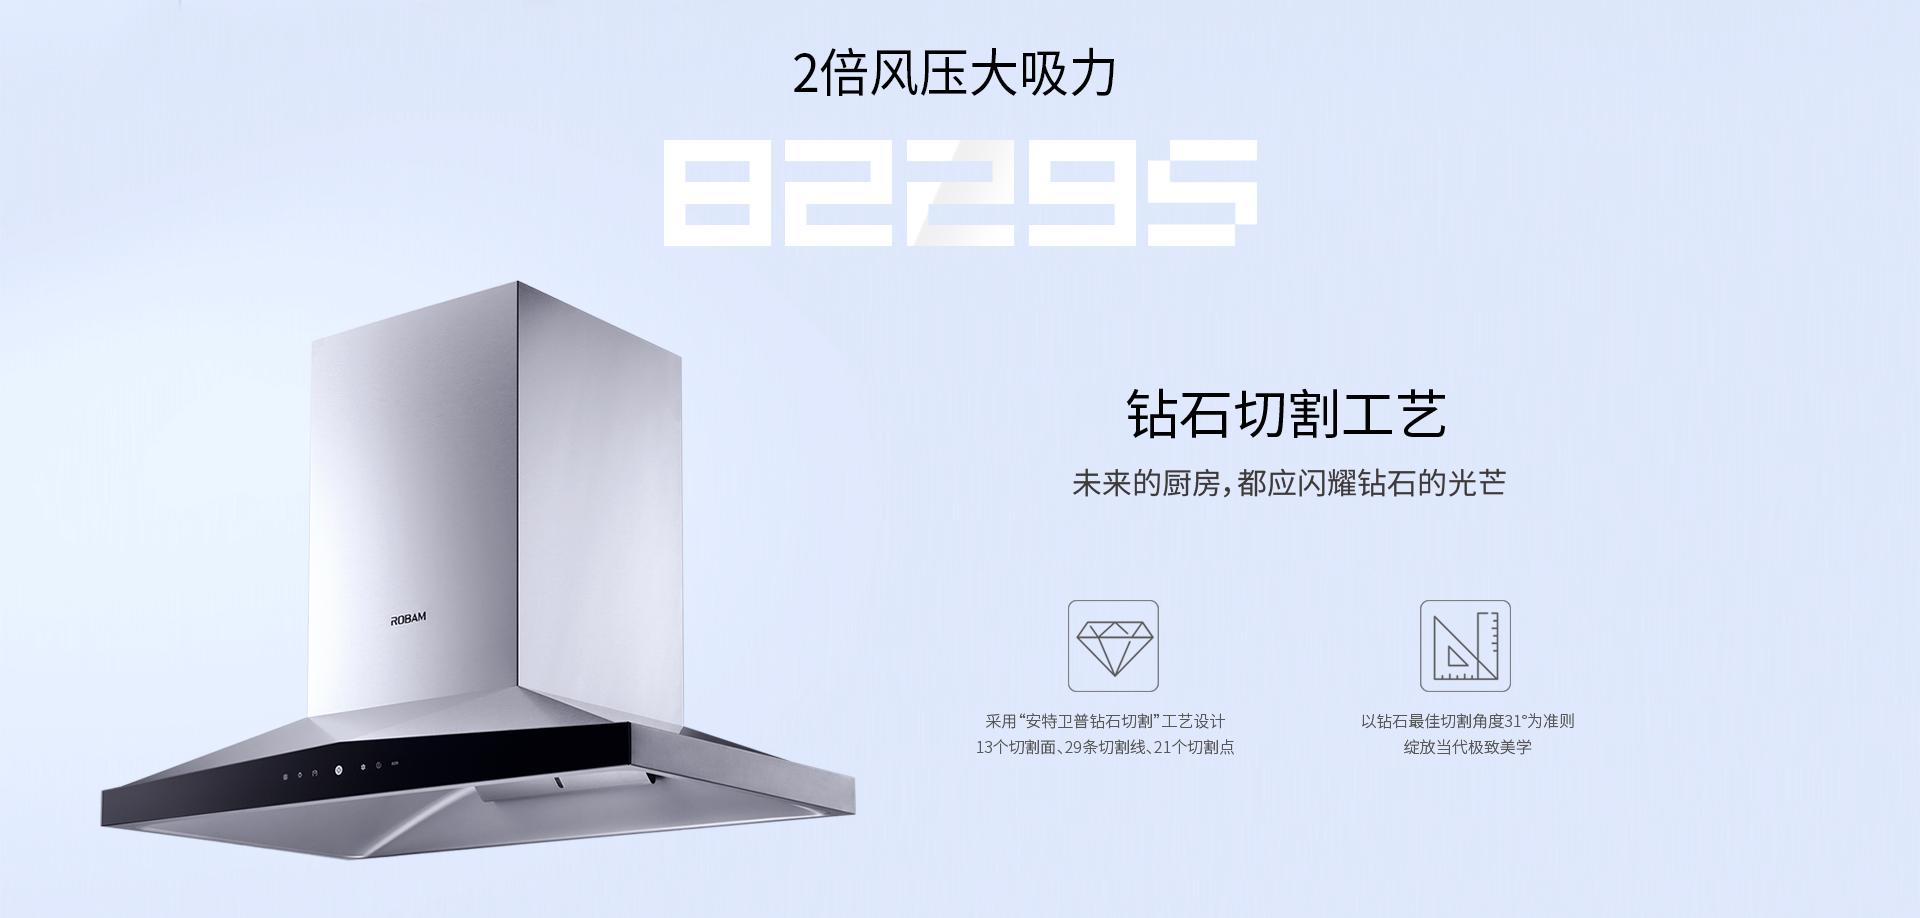 8229s优化-PC_02.jpg